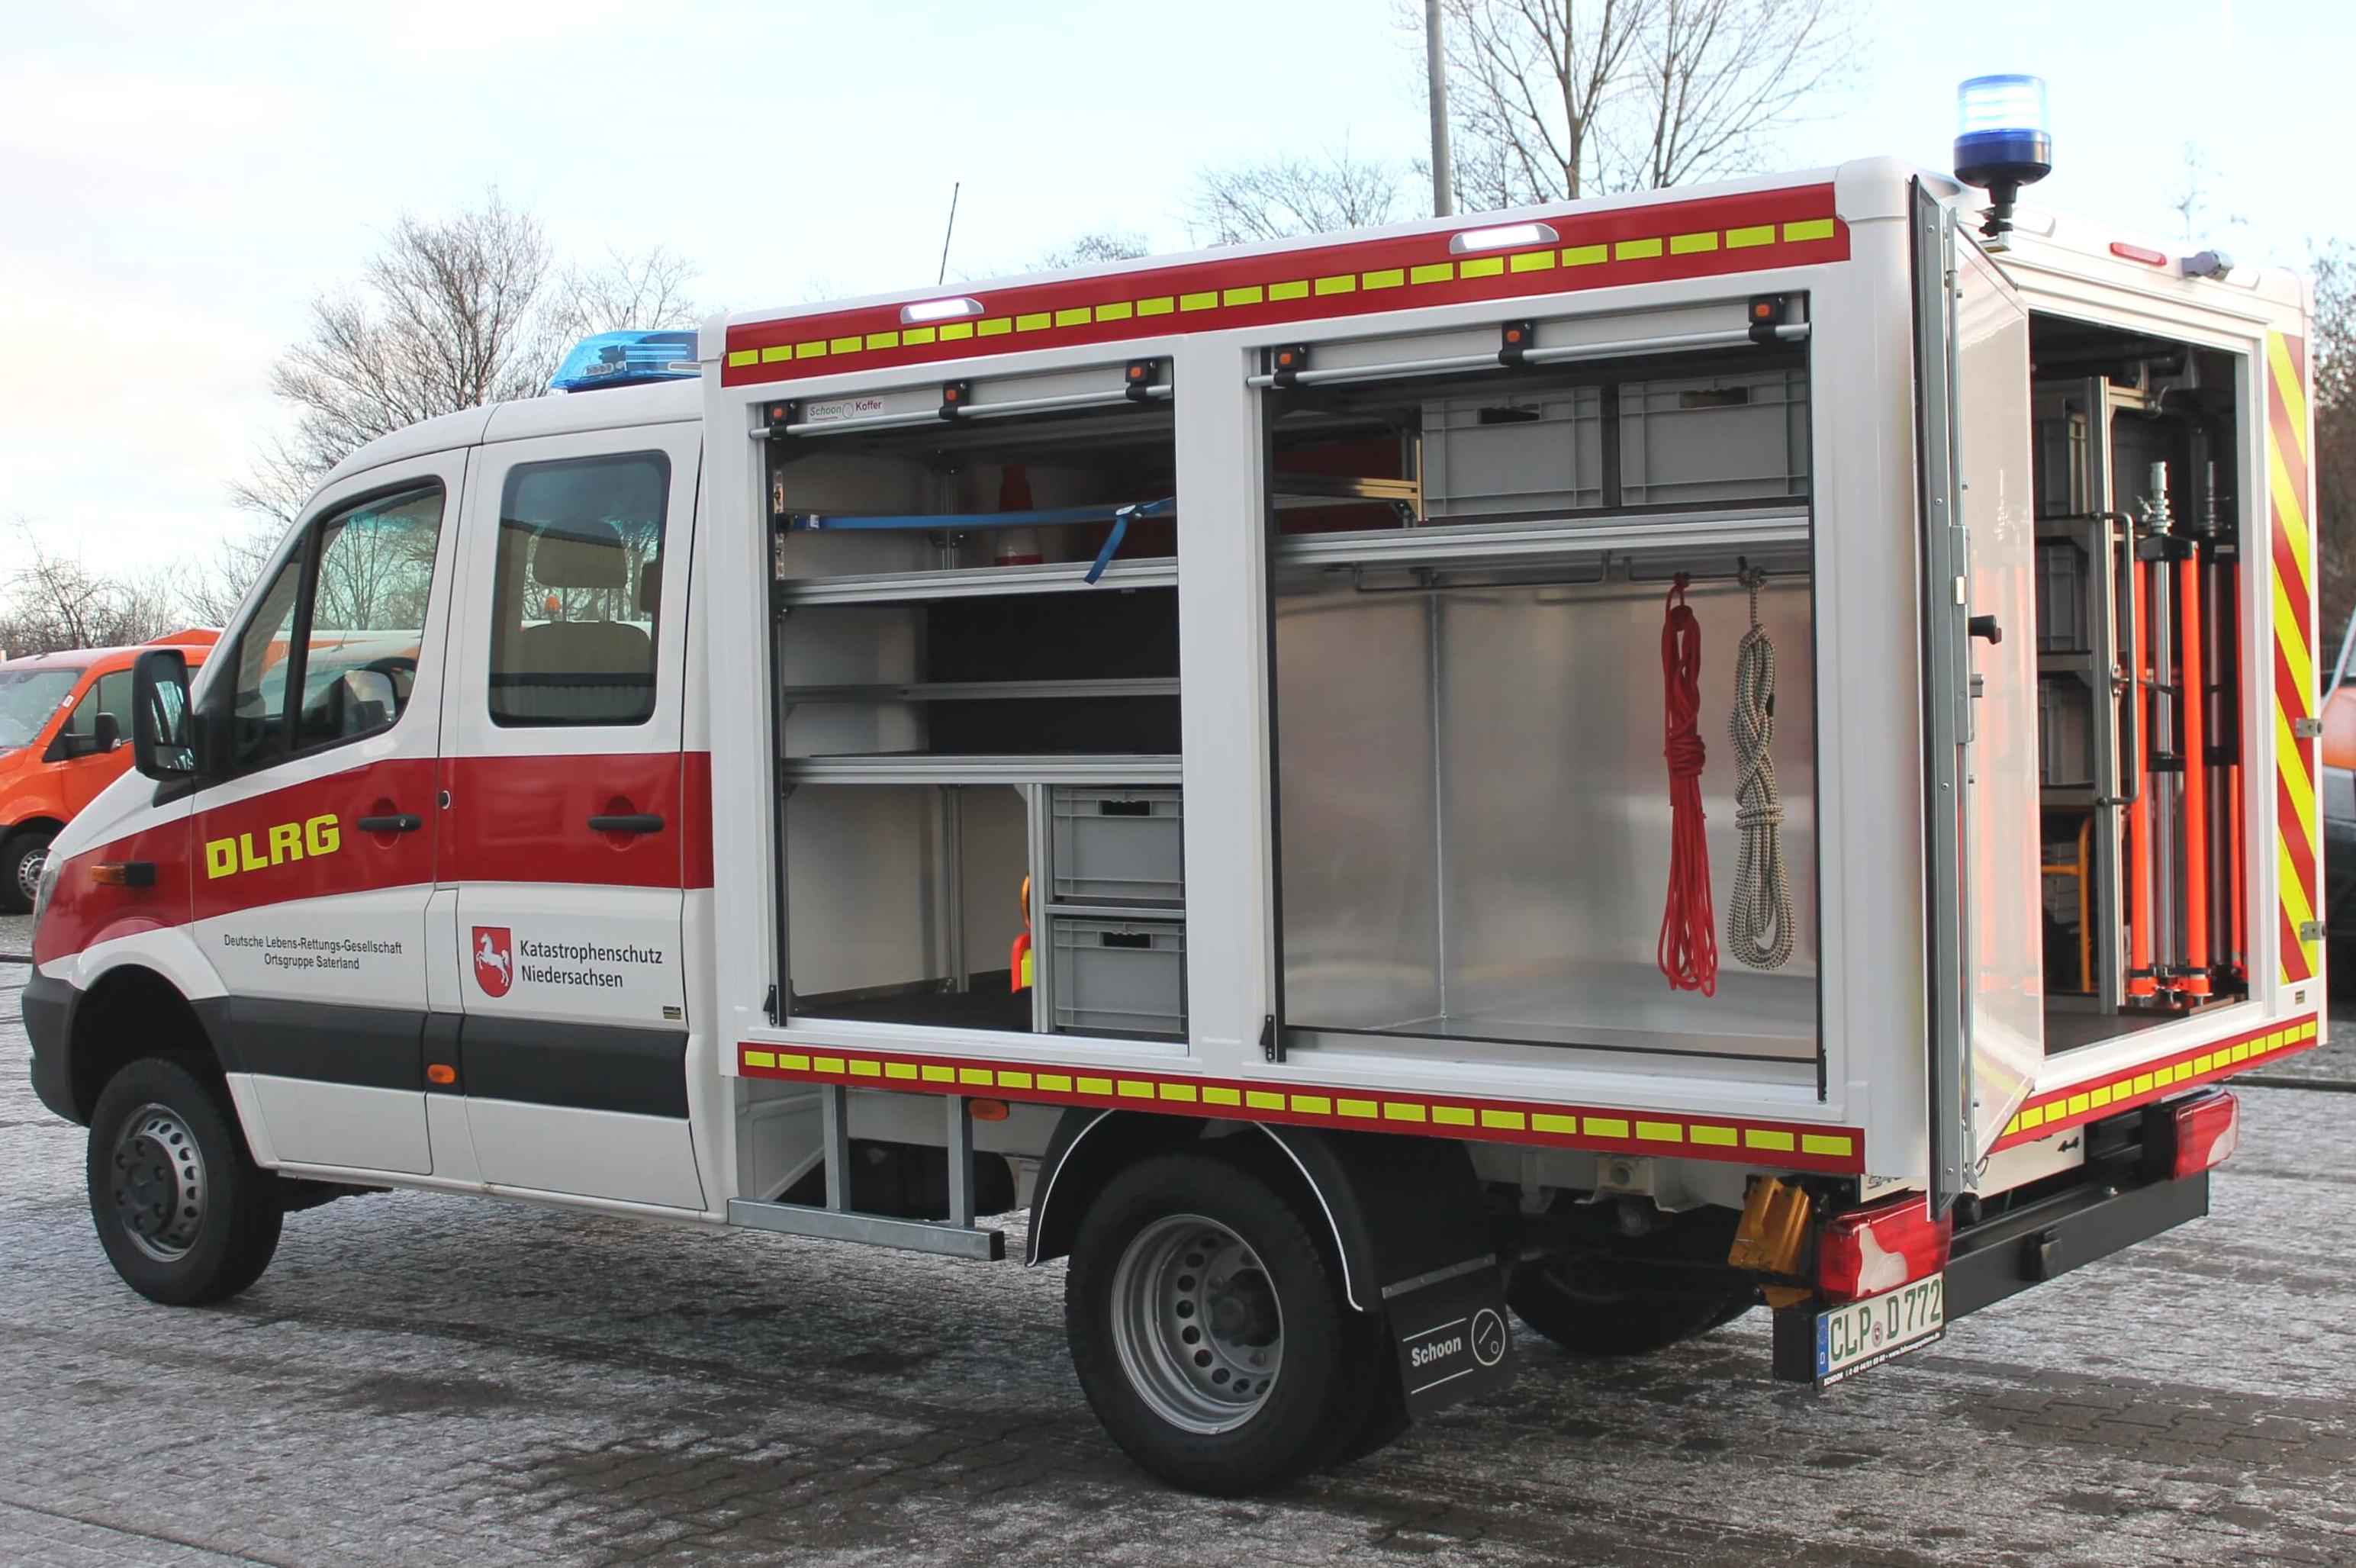 MB Sprinter als DLRG Fahrzeug mit Schoon Koffer, seitlichen Rollos, Werkzeugbox, Beleuchtung, Beklebung, Seilwinde (2)